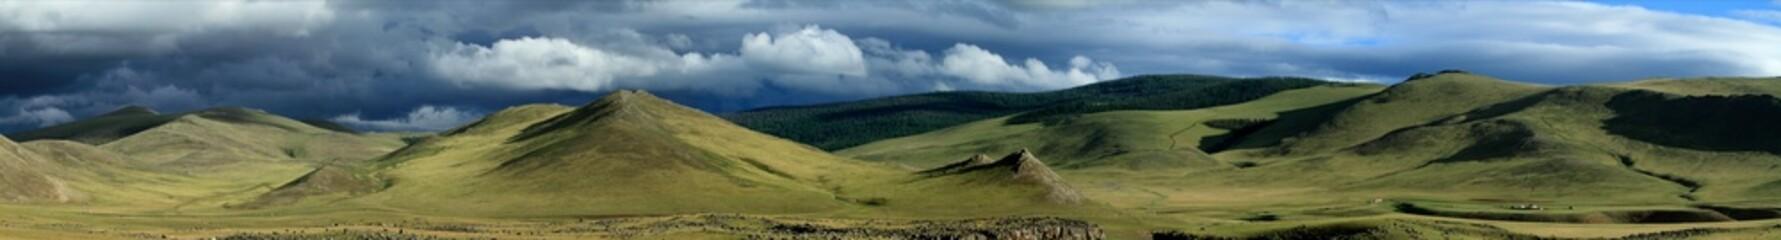 Regenzeit in der mongolischen Steppe